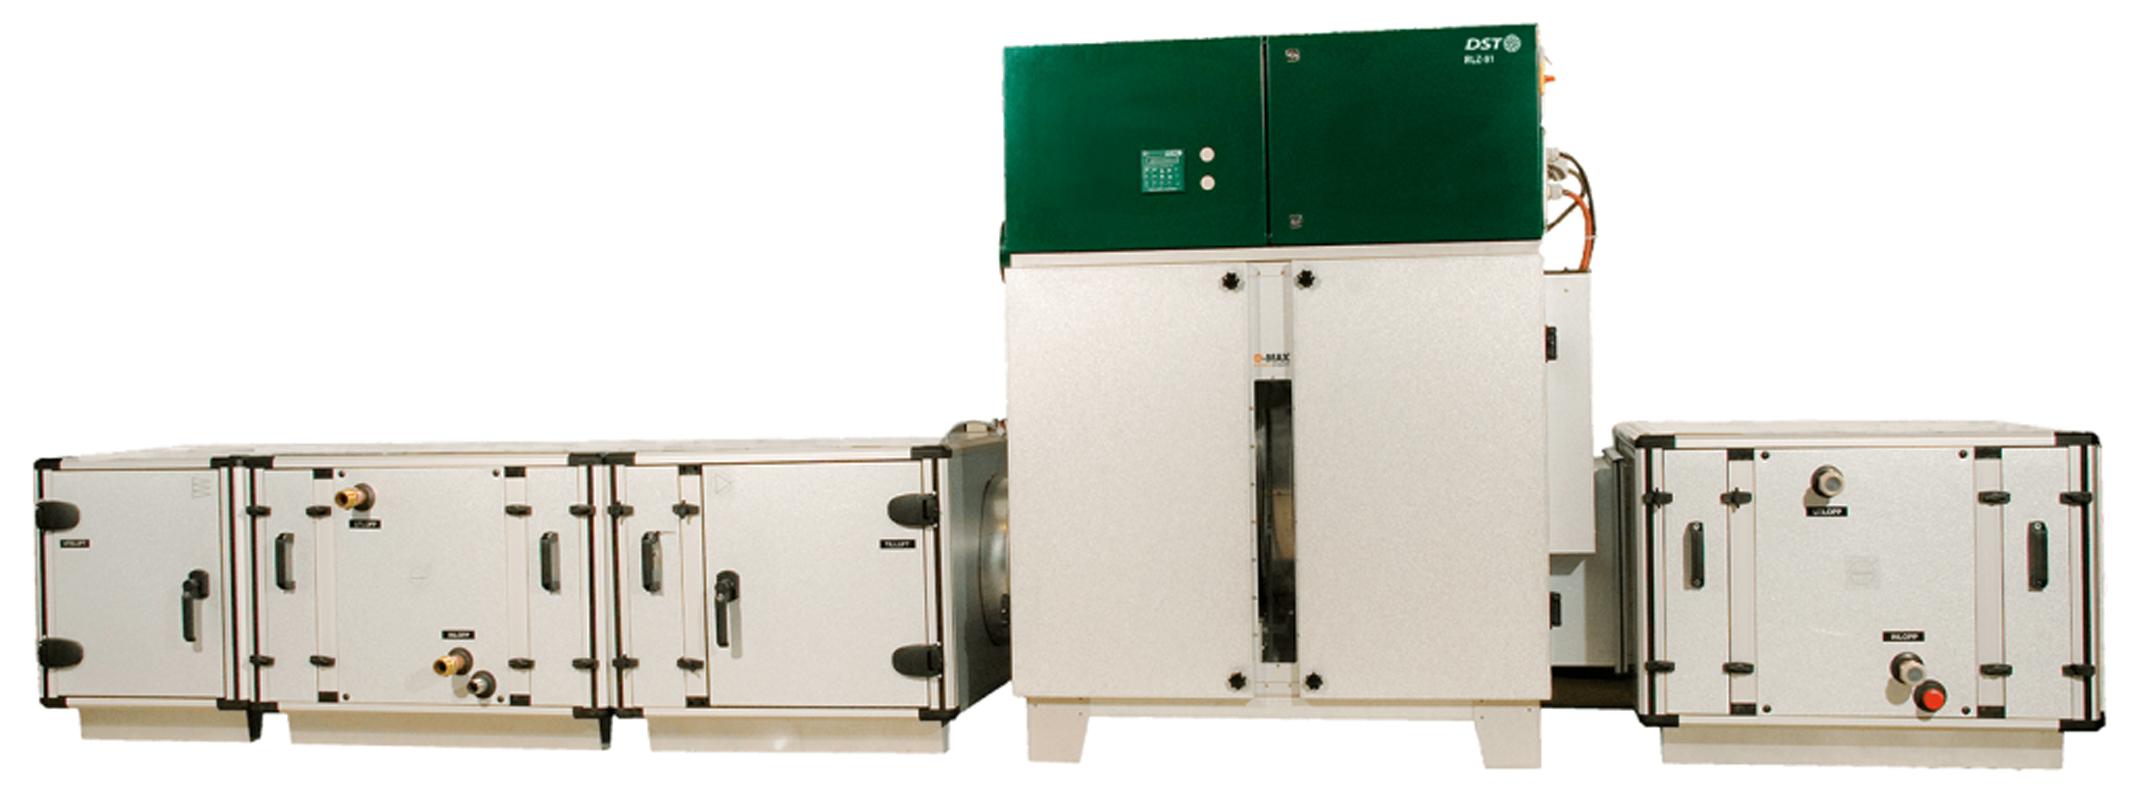 <p>RECUSORB RZ FLEX</p> - Industrial and comercial refrigeración equipment